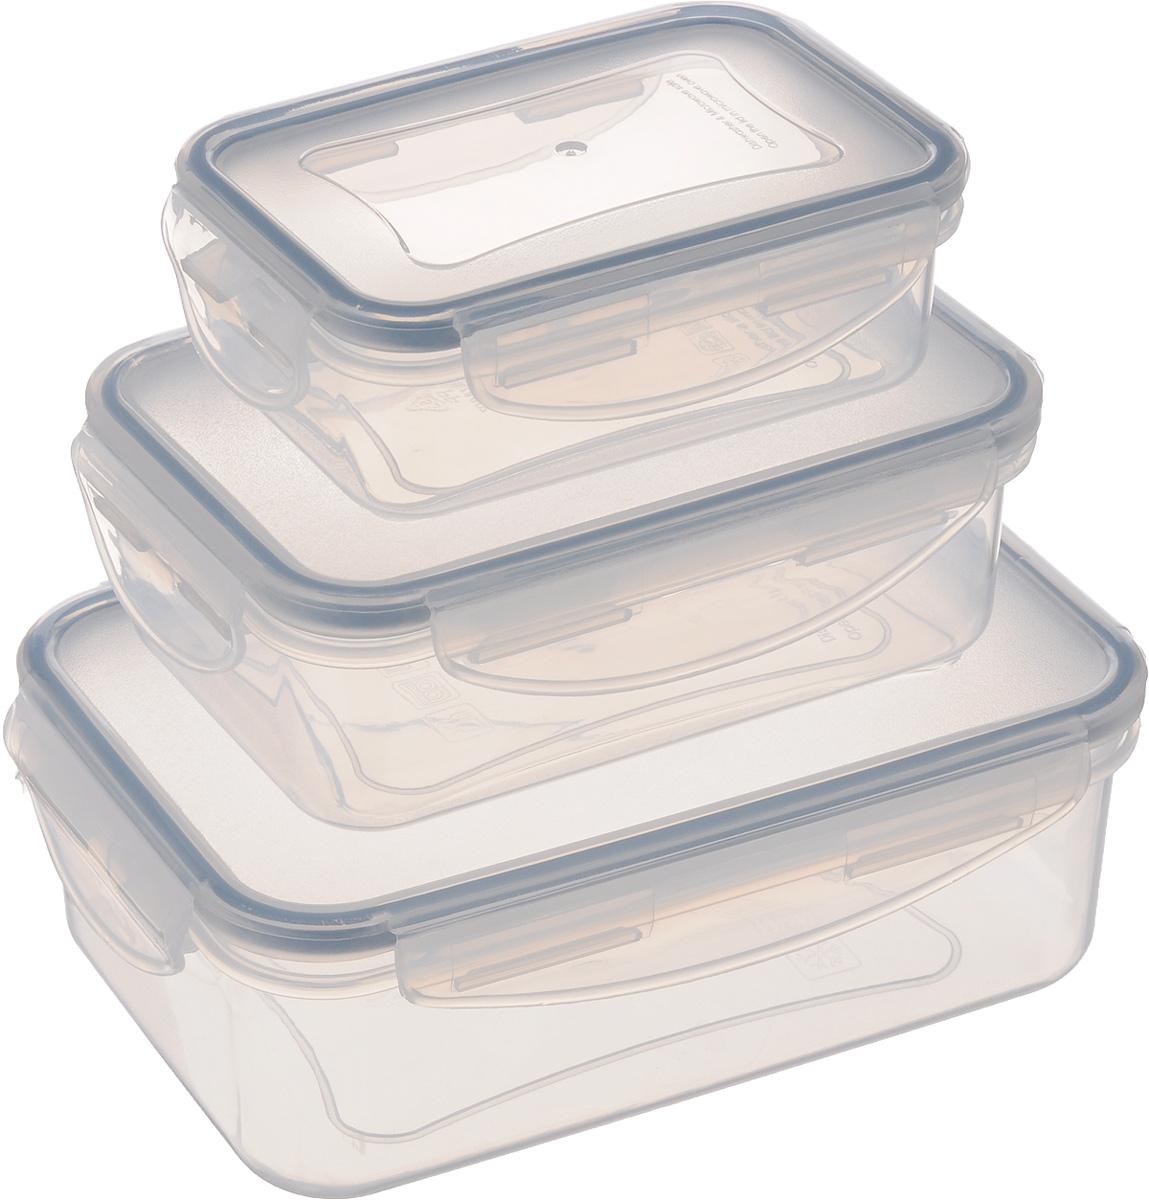 Контейнер Tescoma Freshbox, 3 штVT-1520(SR)Набор пластиковых контейнеров Tescoma Freshbox подходит для переноски и хранения любых продуктов питания. Благодаря многообразию объемов, вы можете подобрать свой. Изделия абсолютно герметичны, способны выдержать сильные перепады температур. Пластик и силикон, из которых изготовлены контейнеры, переносят экстремальные температурные режимы в диапазоне от -18°C до +110°C. Такие контейнеры оптимально сохраняют вкус, аромат и внешний вид продуктов.Подходят для холодильника, морозильных камер, микроволновой печи и посудомоечной машины.Размер контейнеров (с учетом крышек): 12,5 х 8,5 х 4 см; 15,5 х 10,5 х 5,3 см; 18,5 х 13 х 6,8 см.Объем контейнеров: 200 мл; 500 мл: 1 л.